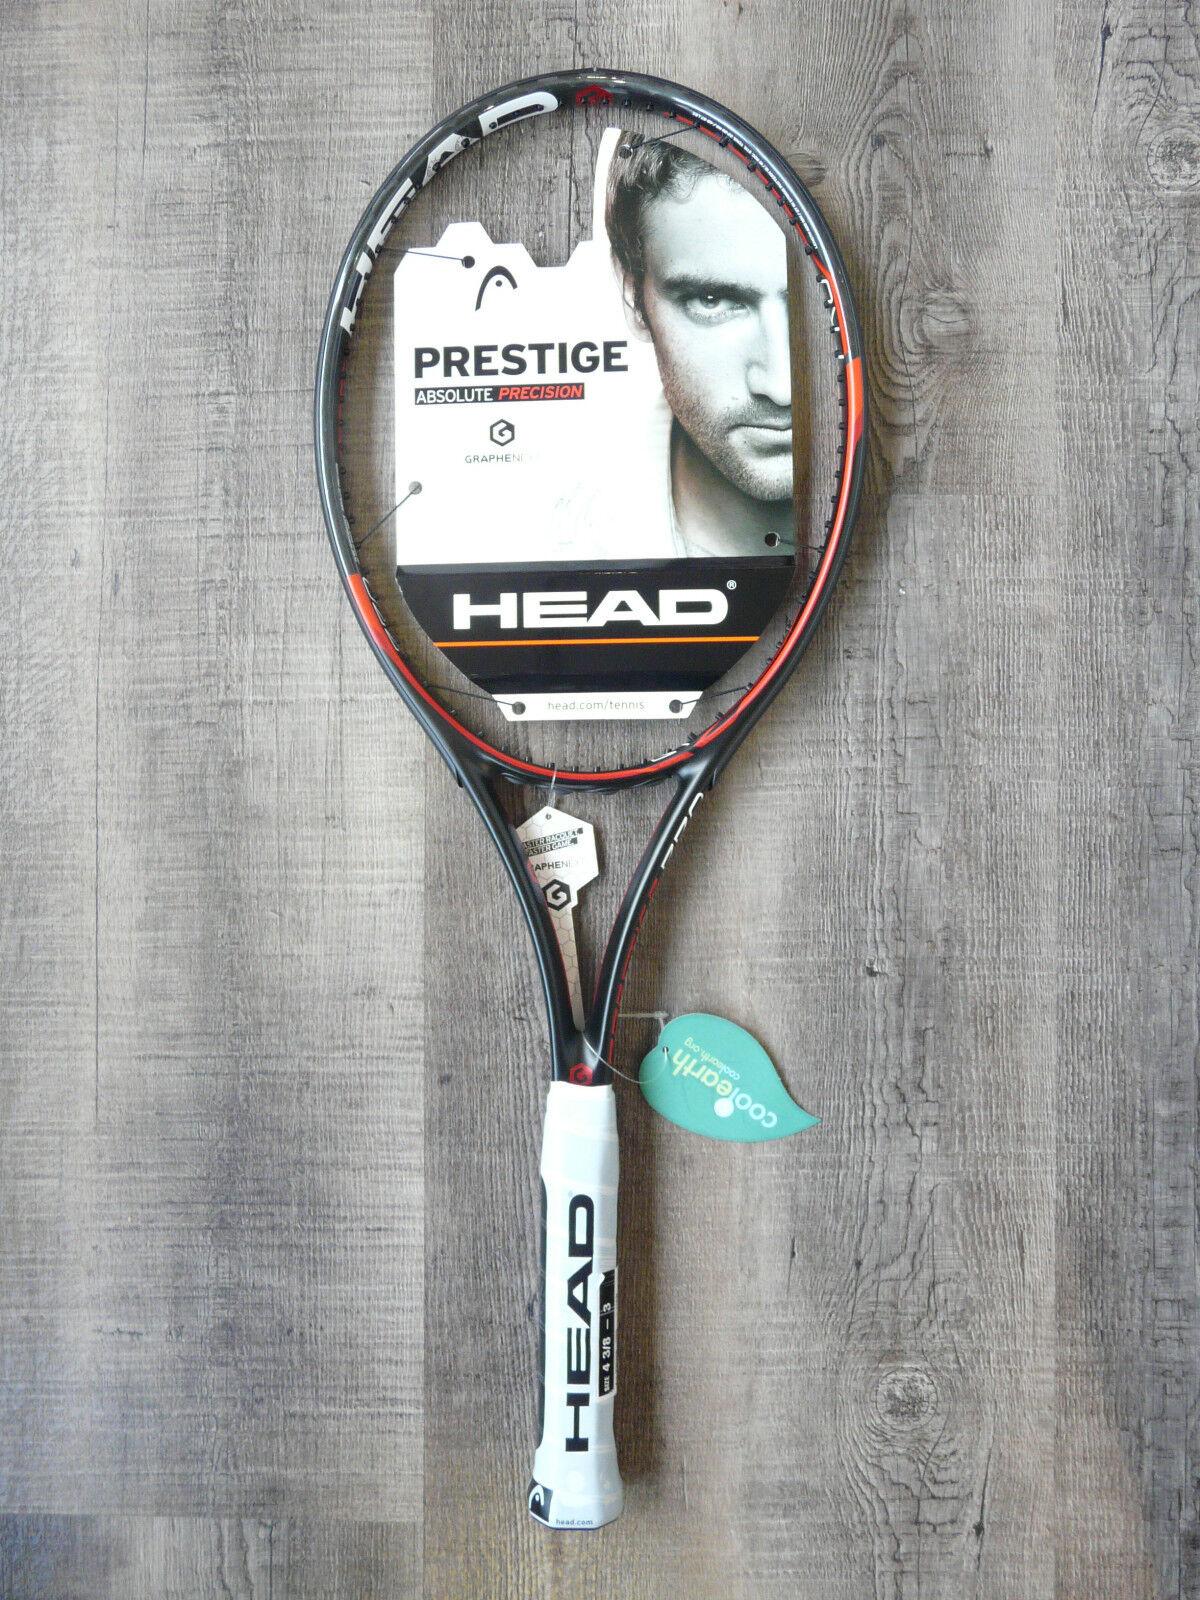 HEAD HEAD HEAD Graphene XT Prestige MP L2,L3,L4,L5 NEU 8e3048